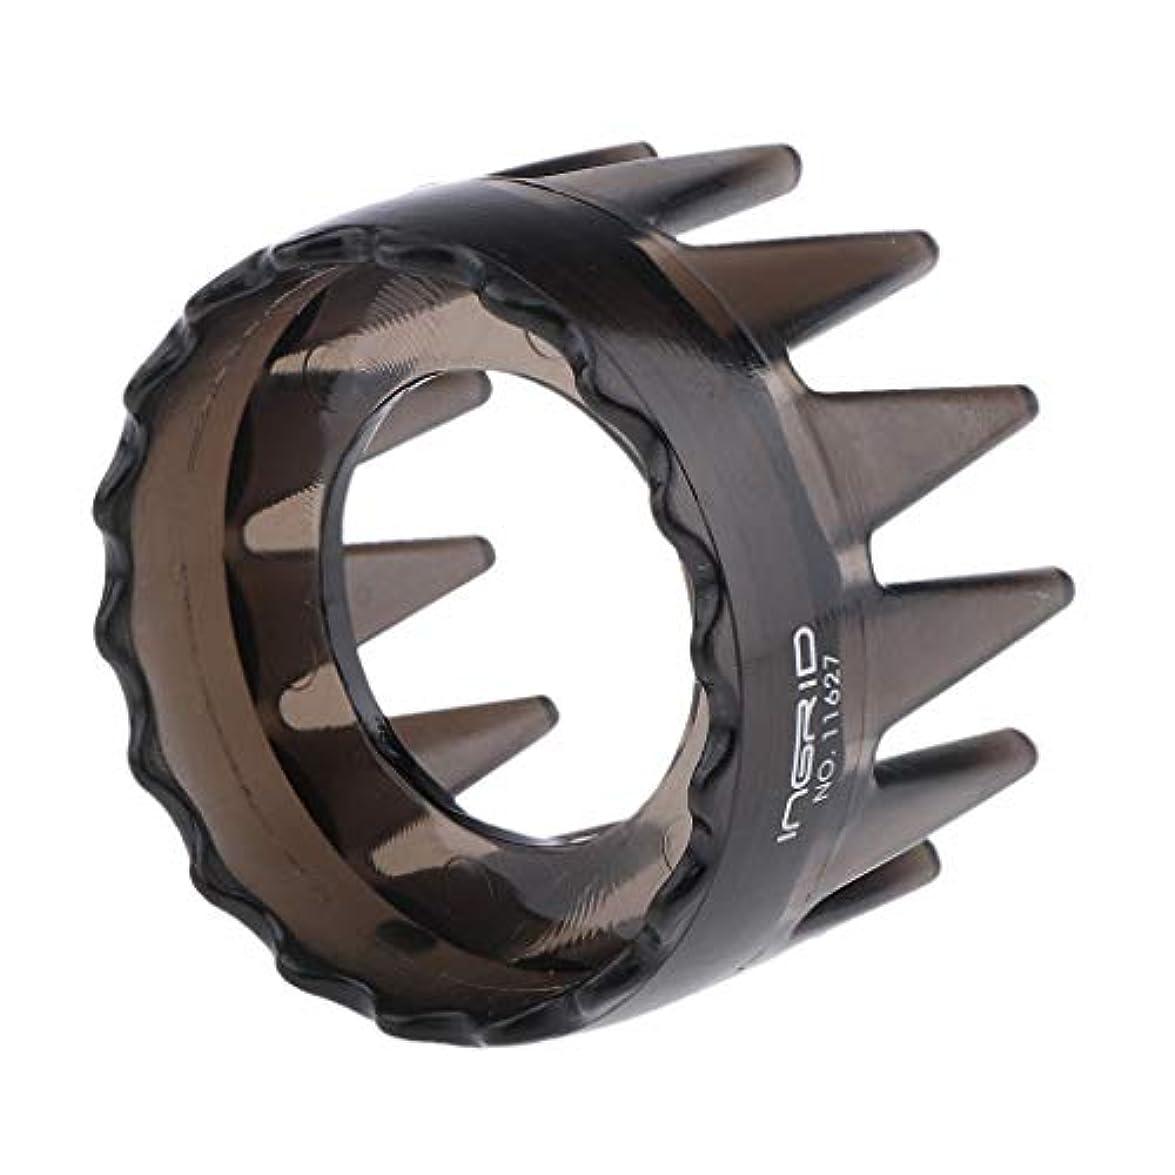 立派なスズメバチブランド名CUTICATE プラスチック製 シャンプーブラシ 洗髪櫛 マッサージャー ヘアコーム ヘアブラシ 直径約6cm 全4色 - 濃い灰色